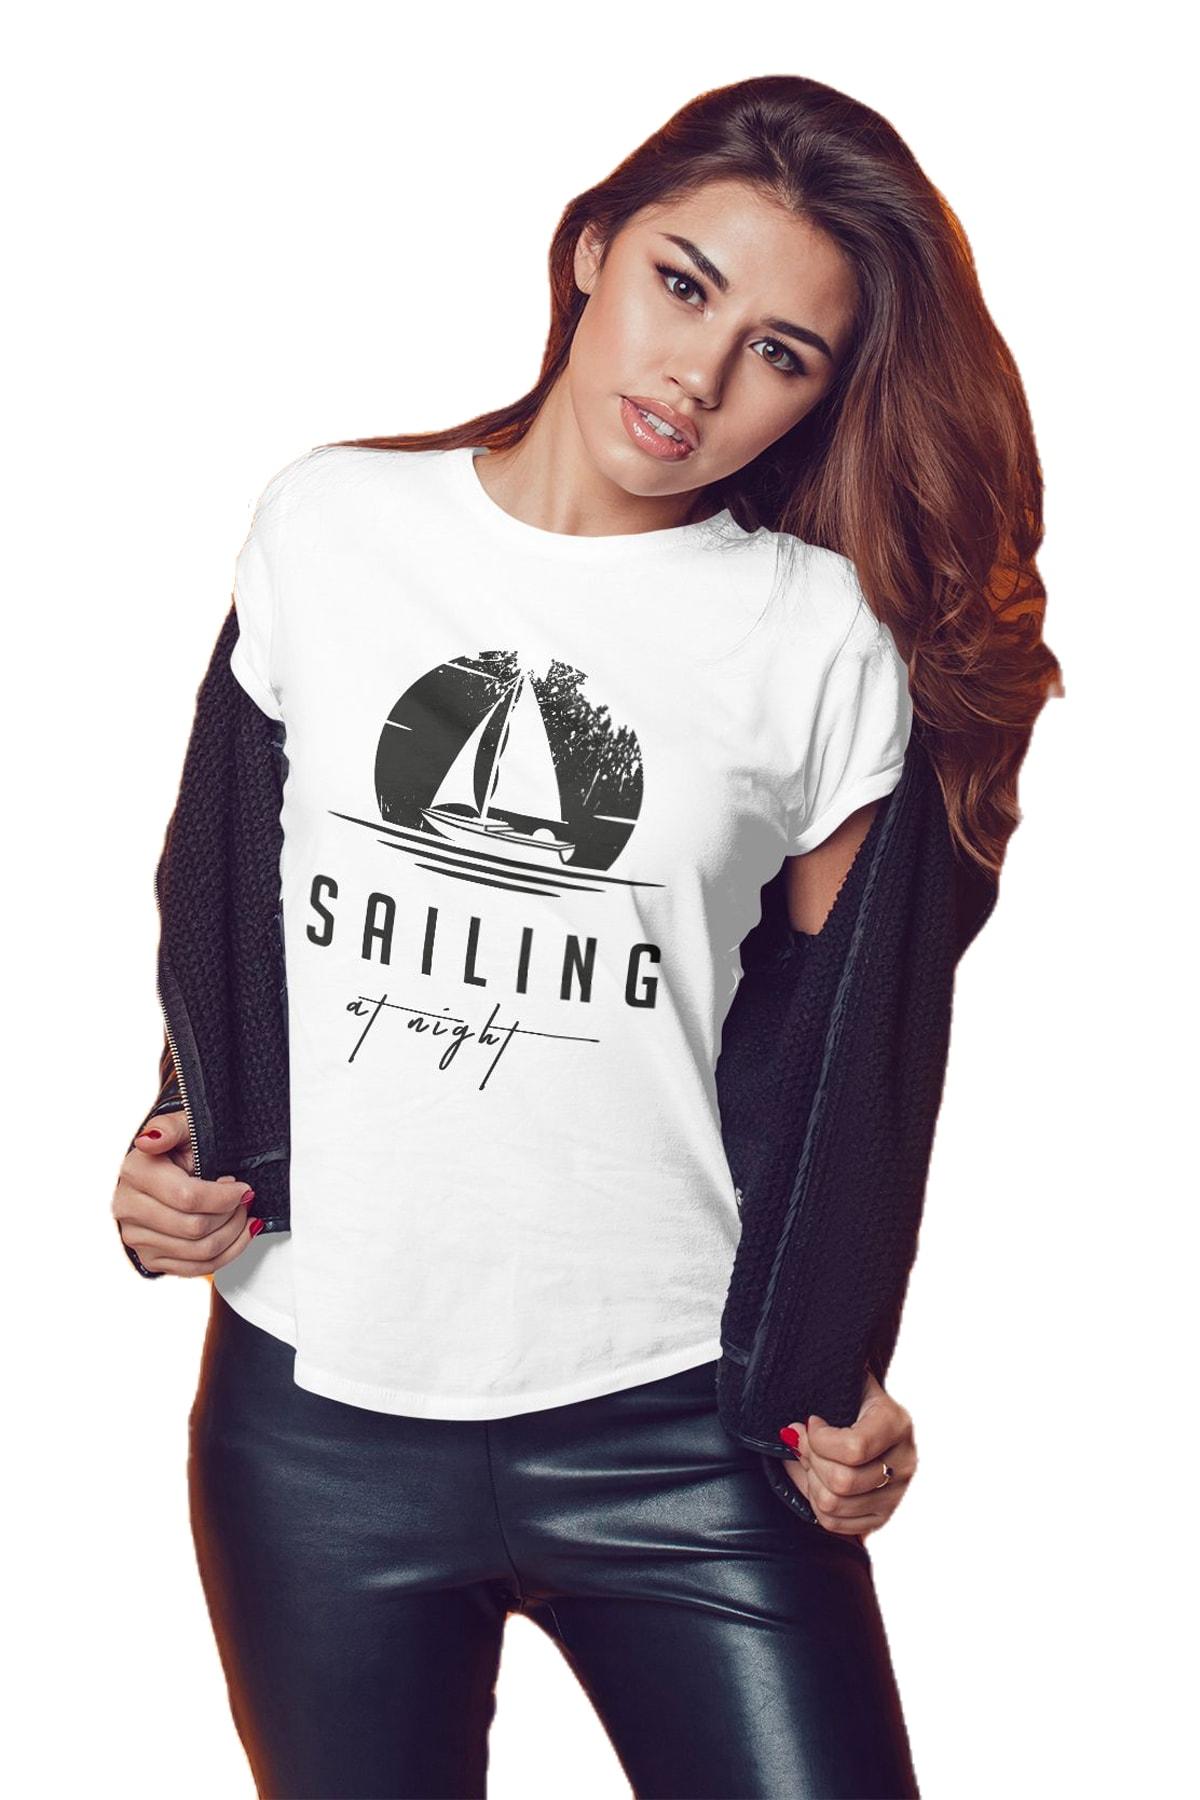 Koala Kadın Beyaz T-shirt SKT001BSAILING 1